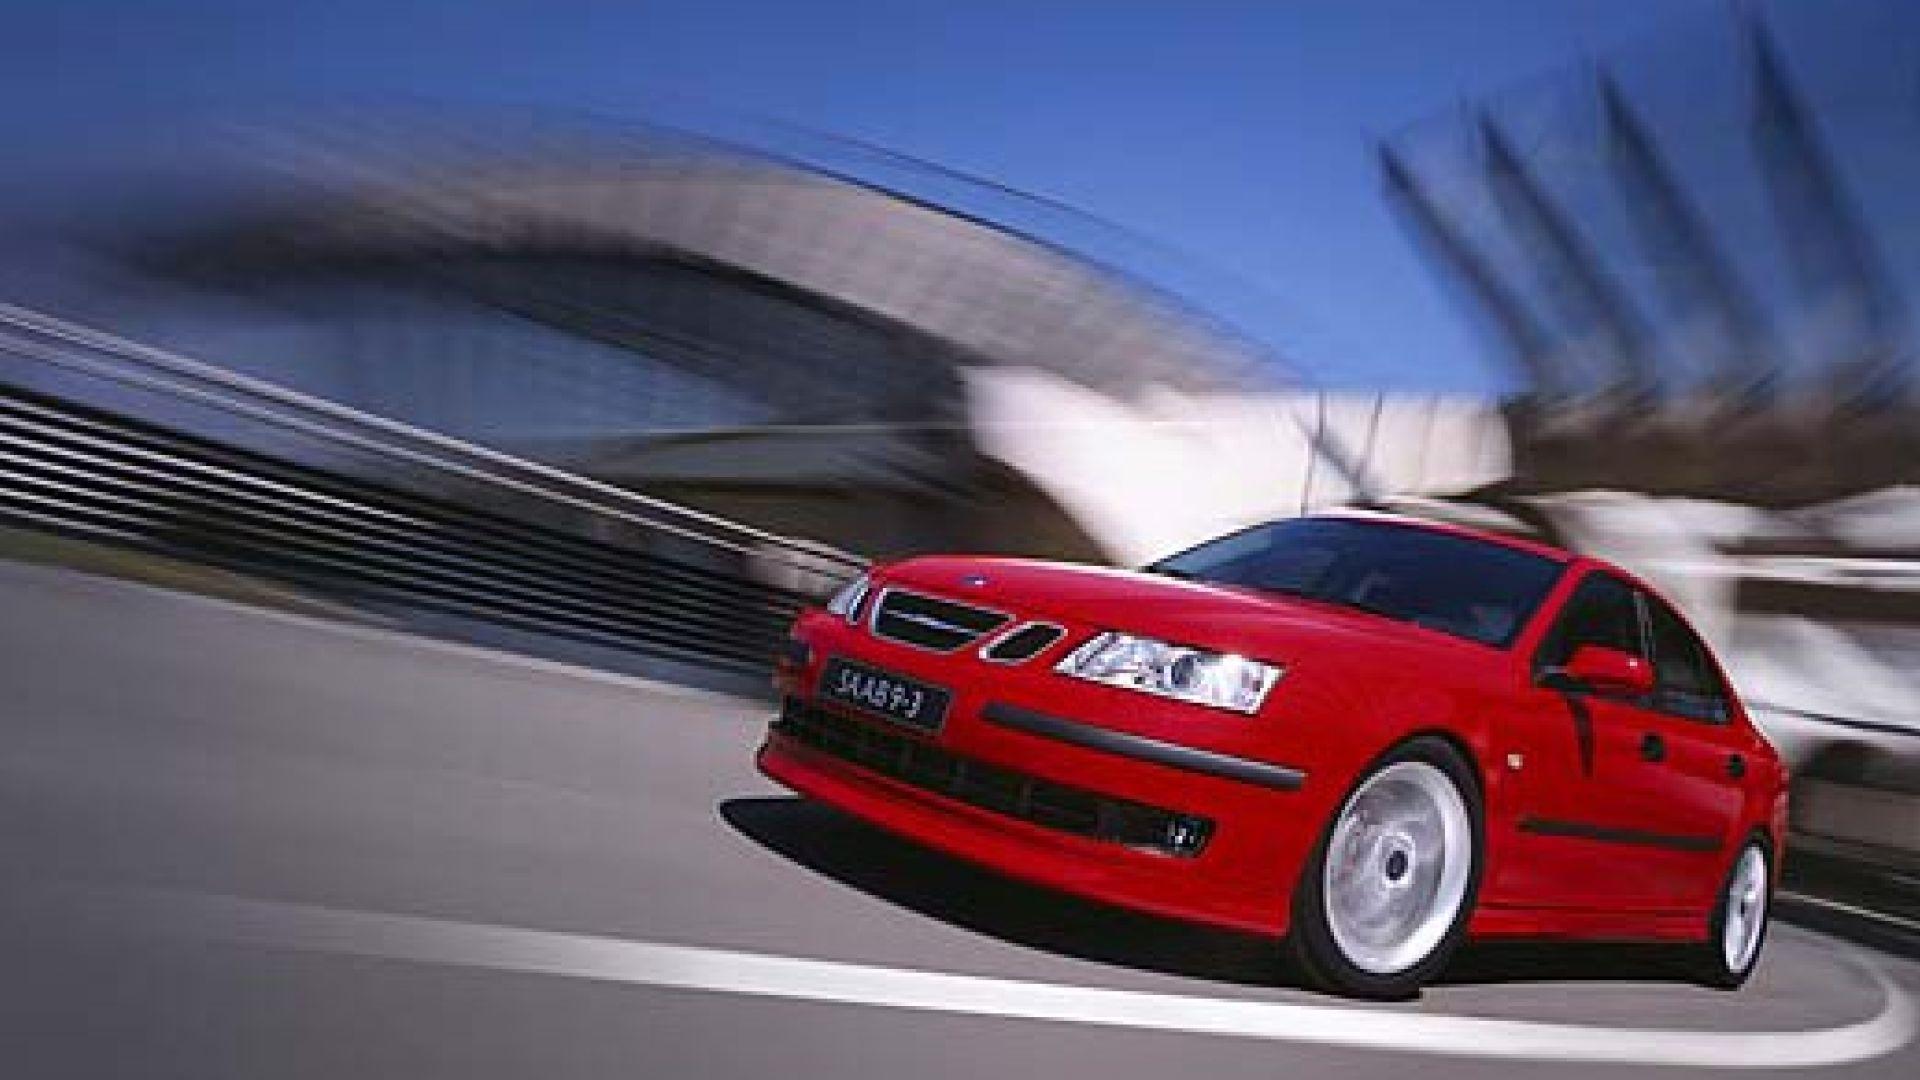 Immagine 24: Anteprima: Saab 9-3 1.9 TiD